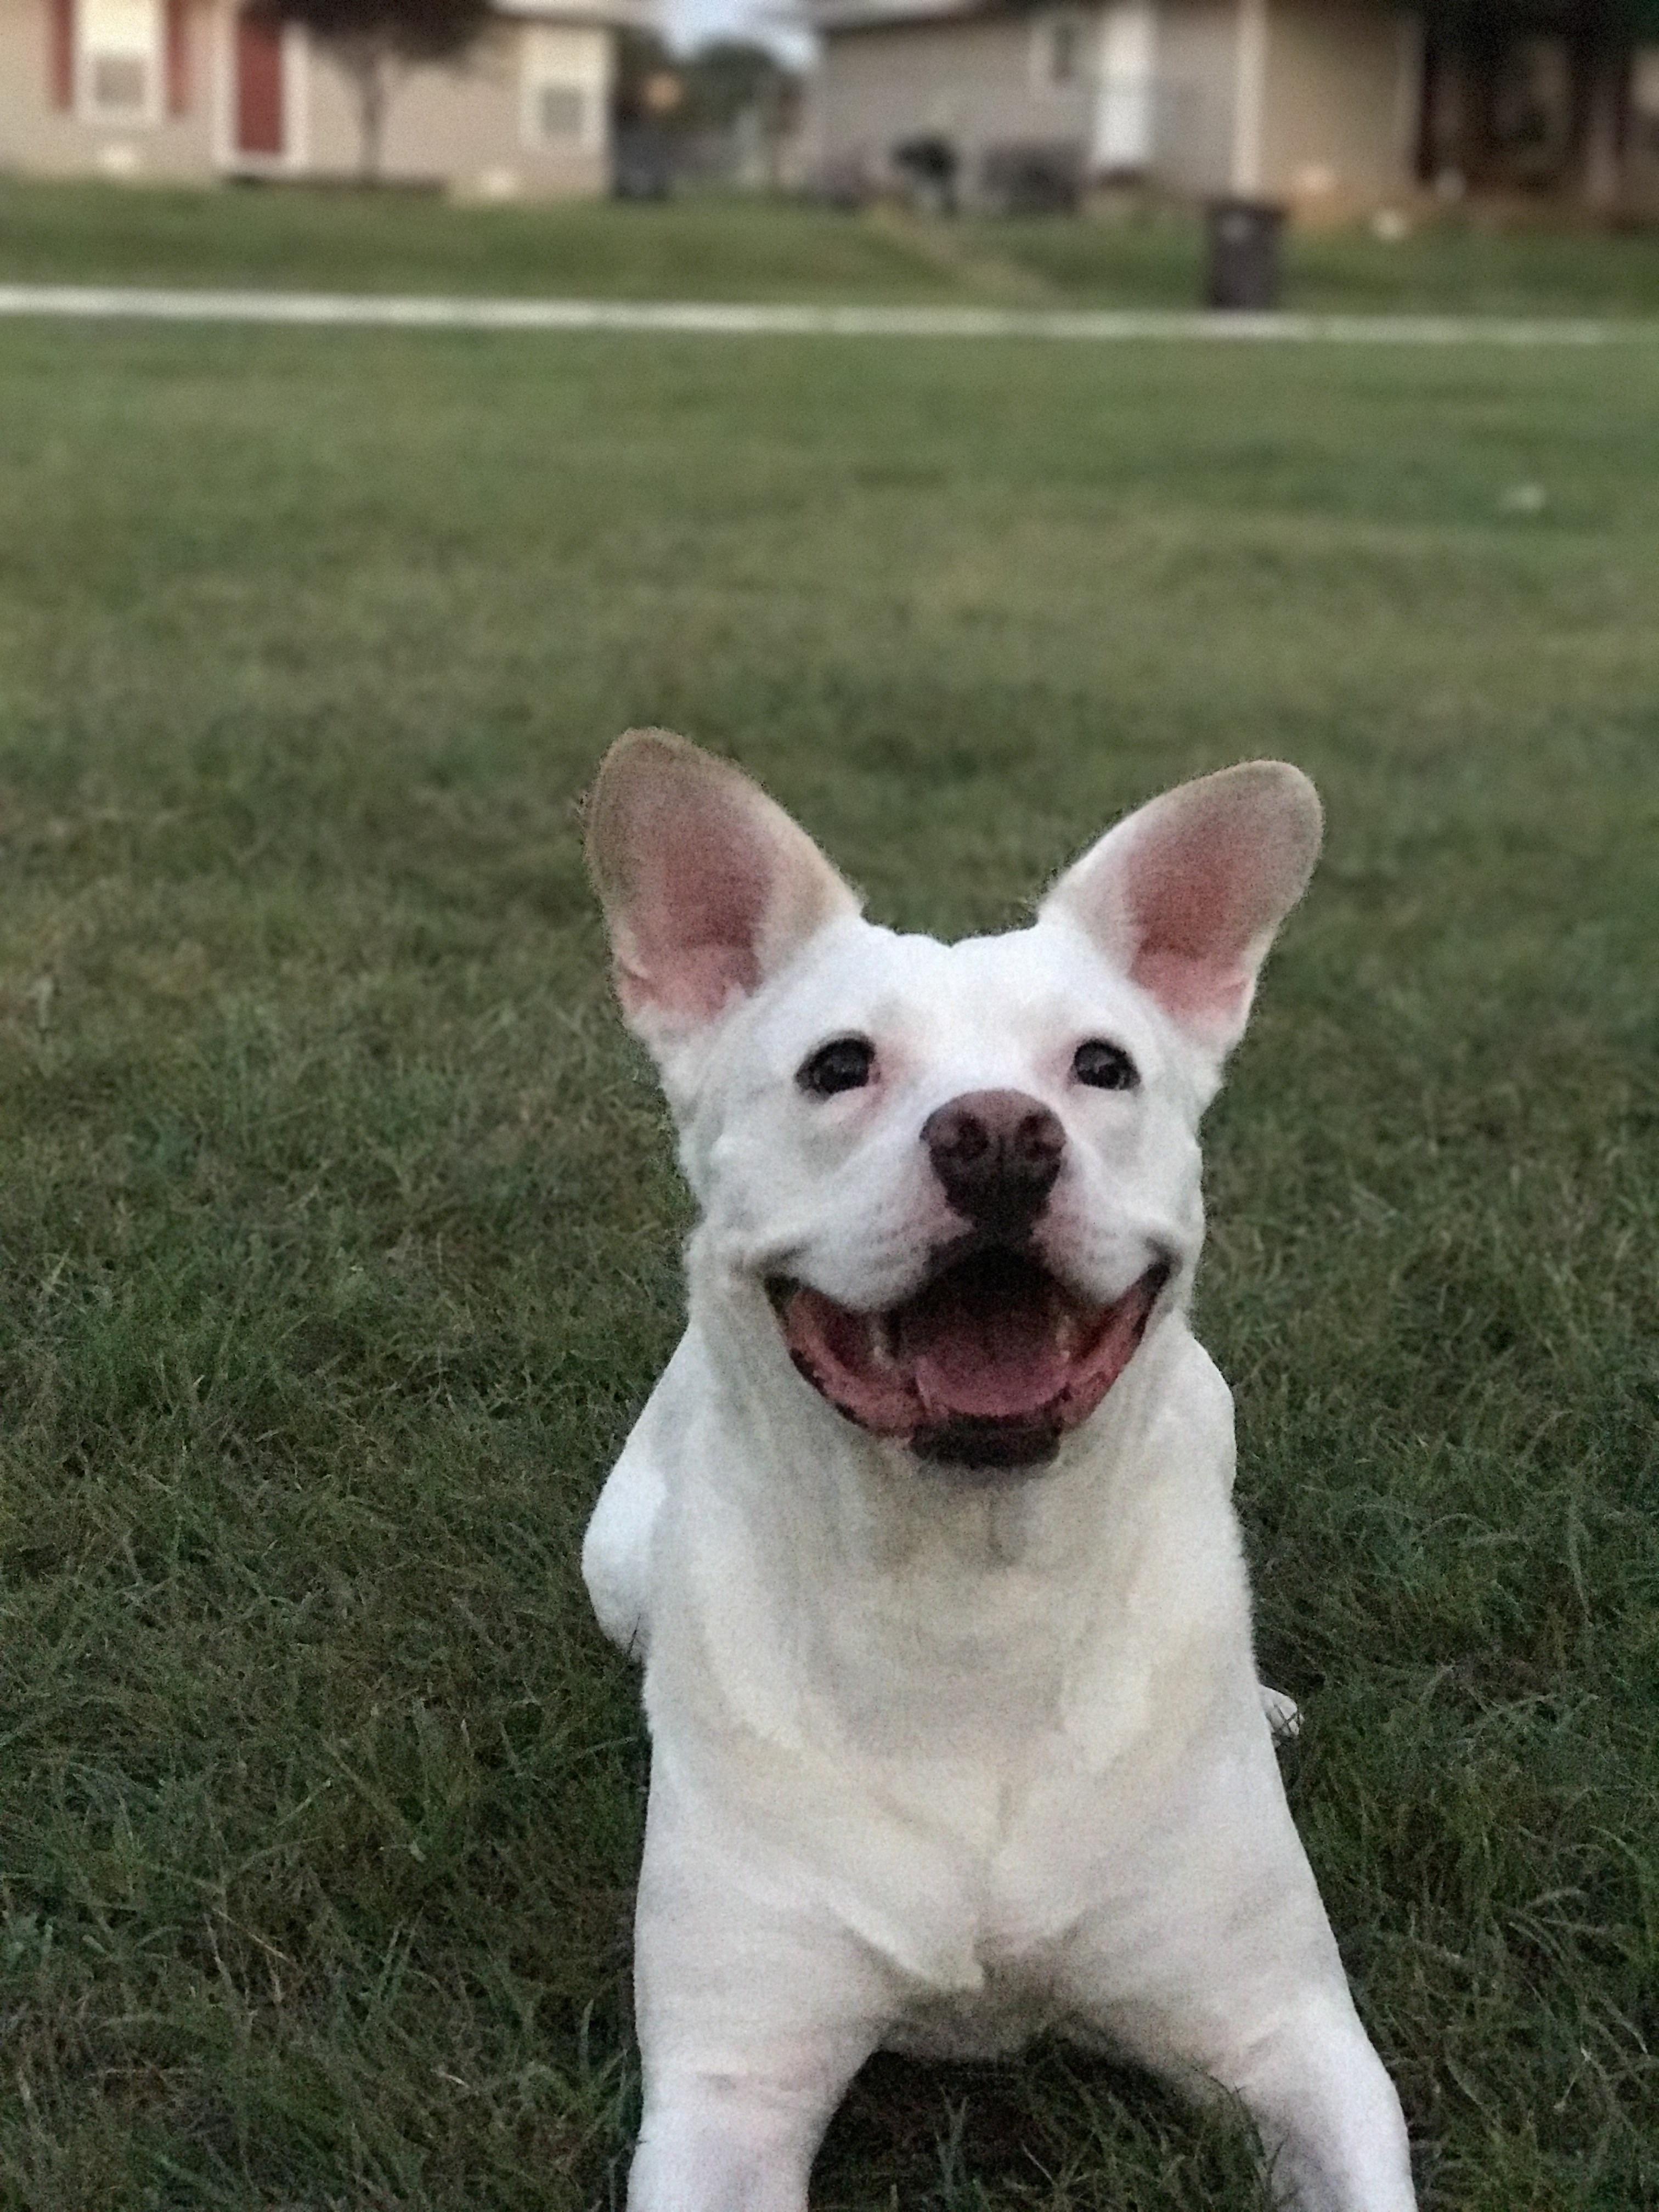 Fantastic Dogo Chubby Adorable Dog - 6925774b3c53948da33bb54f3f12fdf9  Trends_67702  .jpg